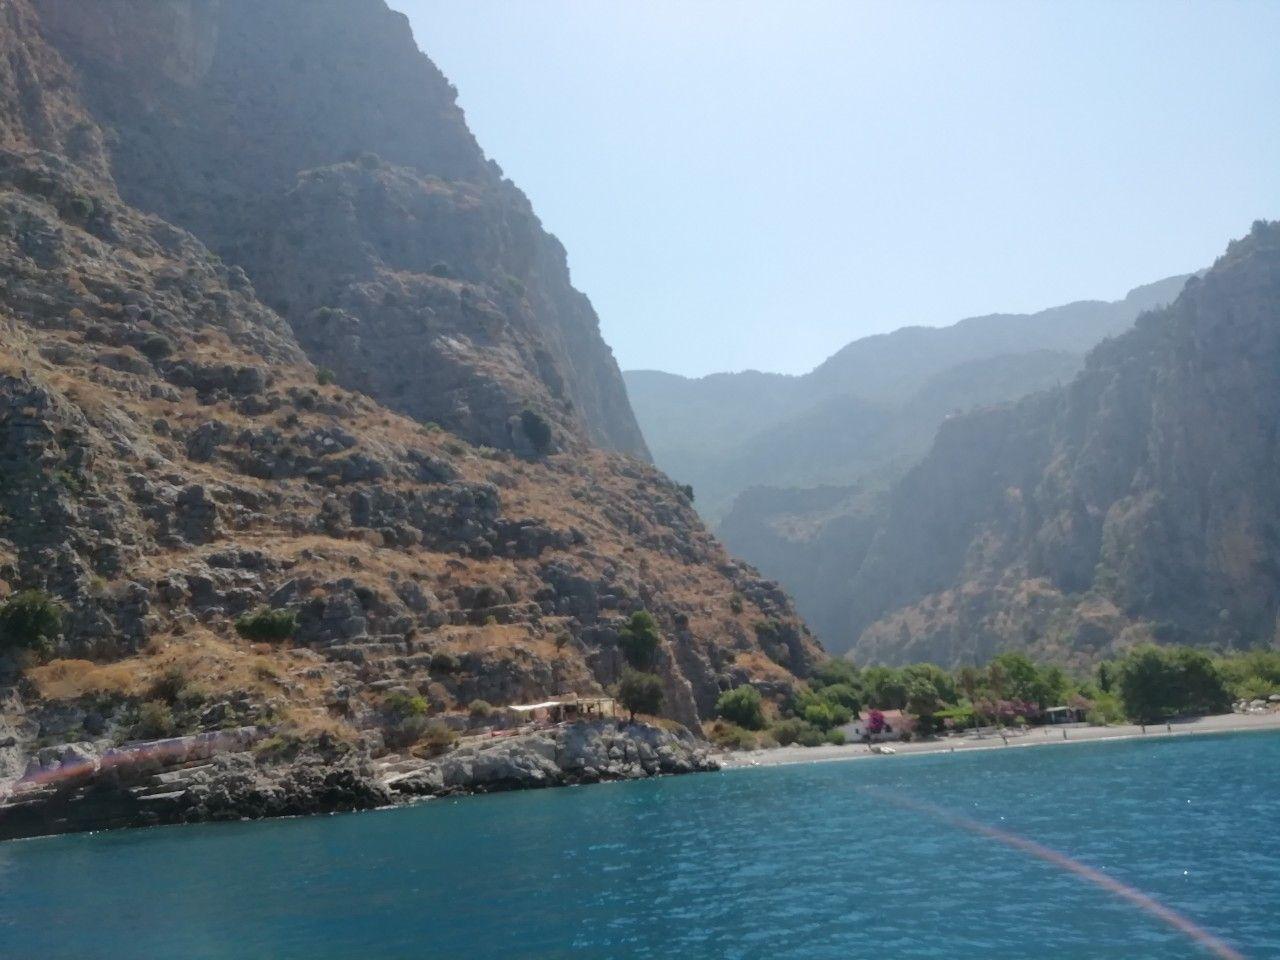 dolina babochek, vid s morya